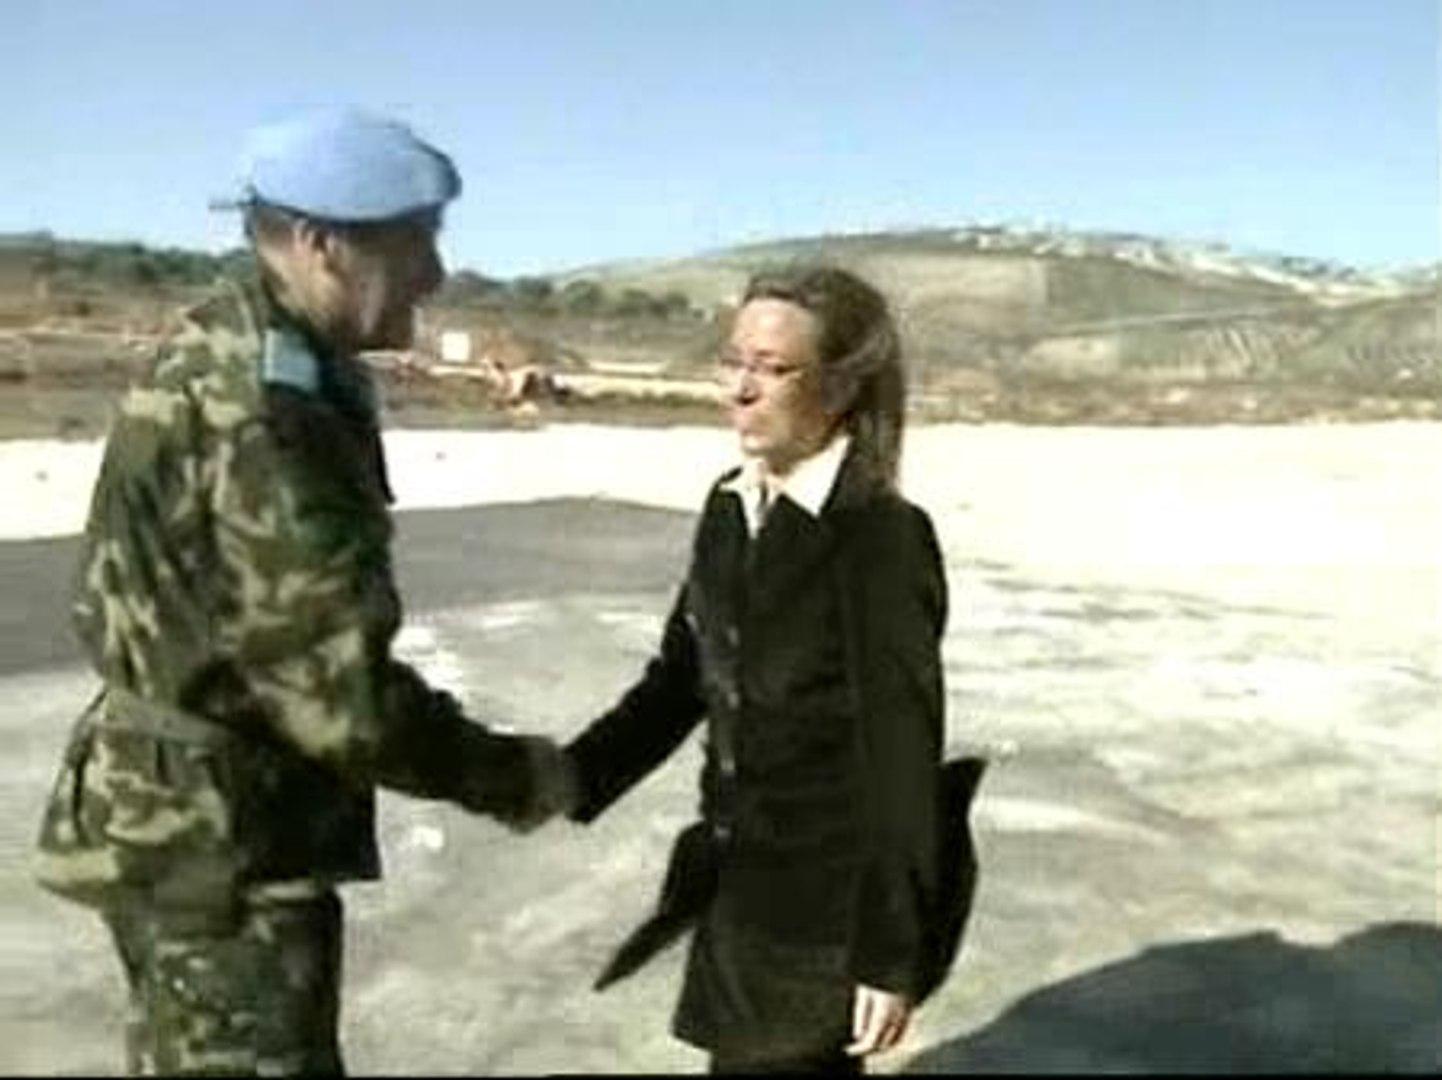 España toma el mando de la misión de la ONU en Líbano